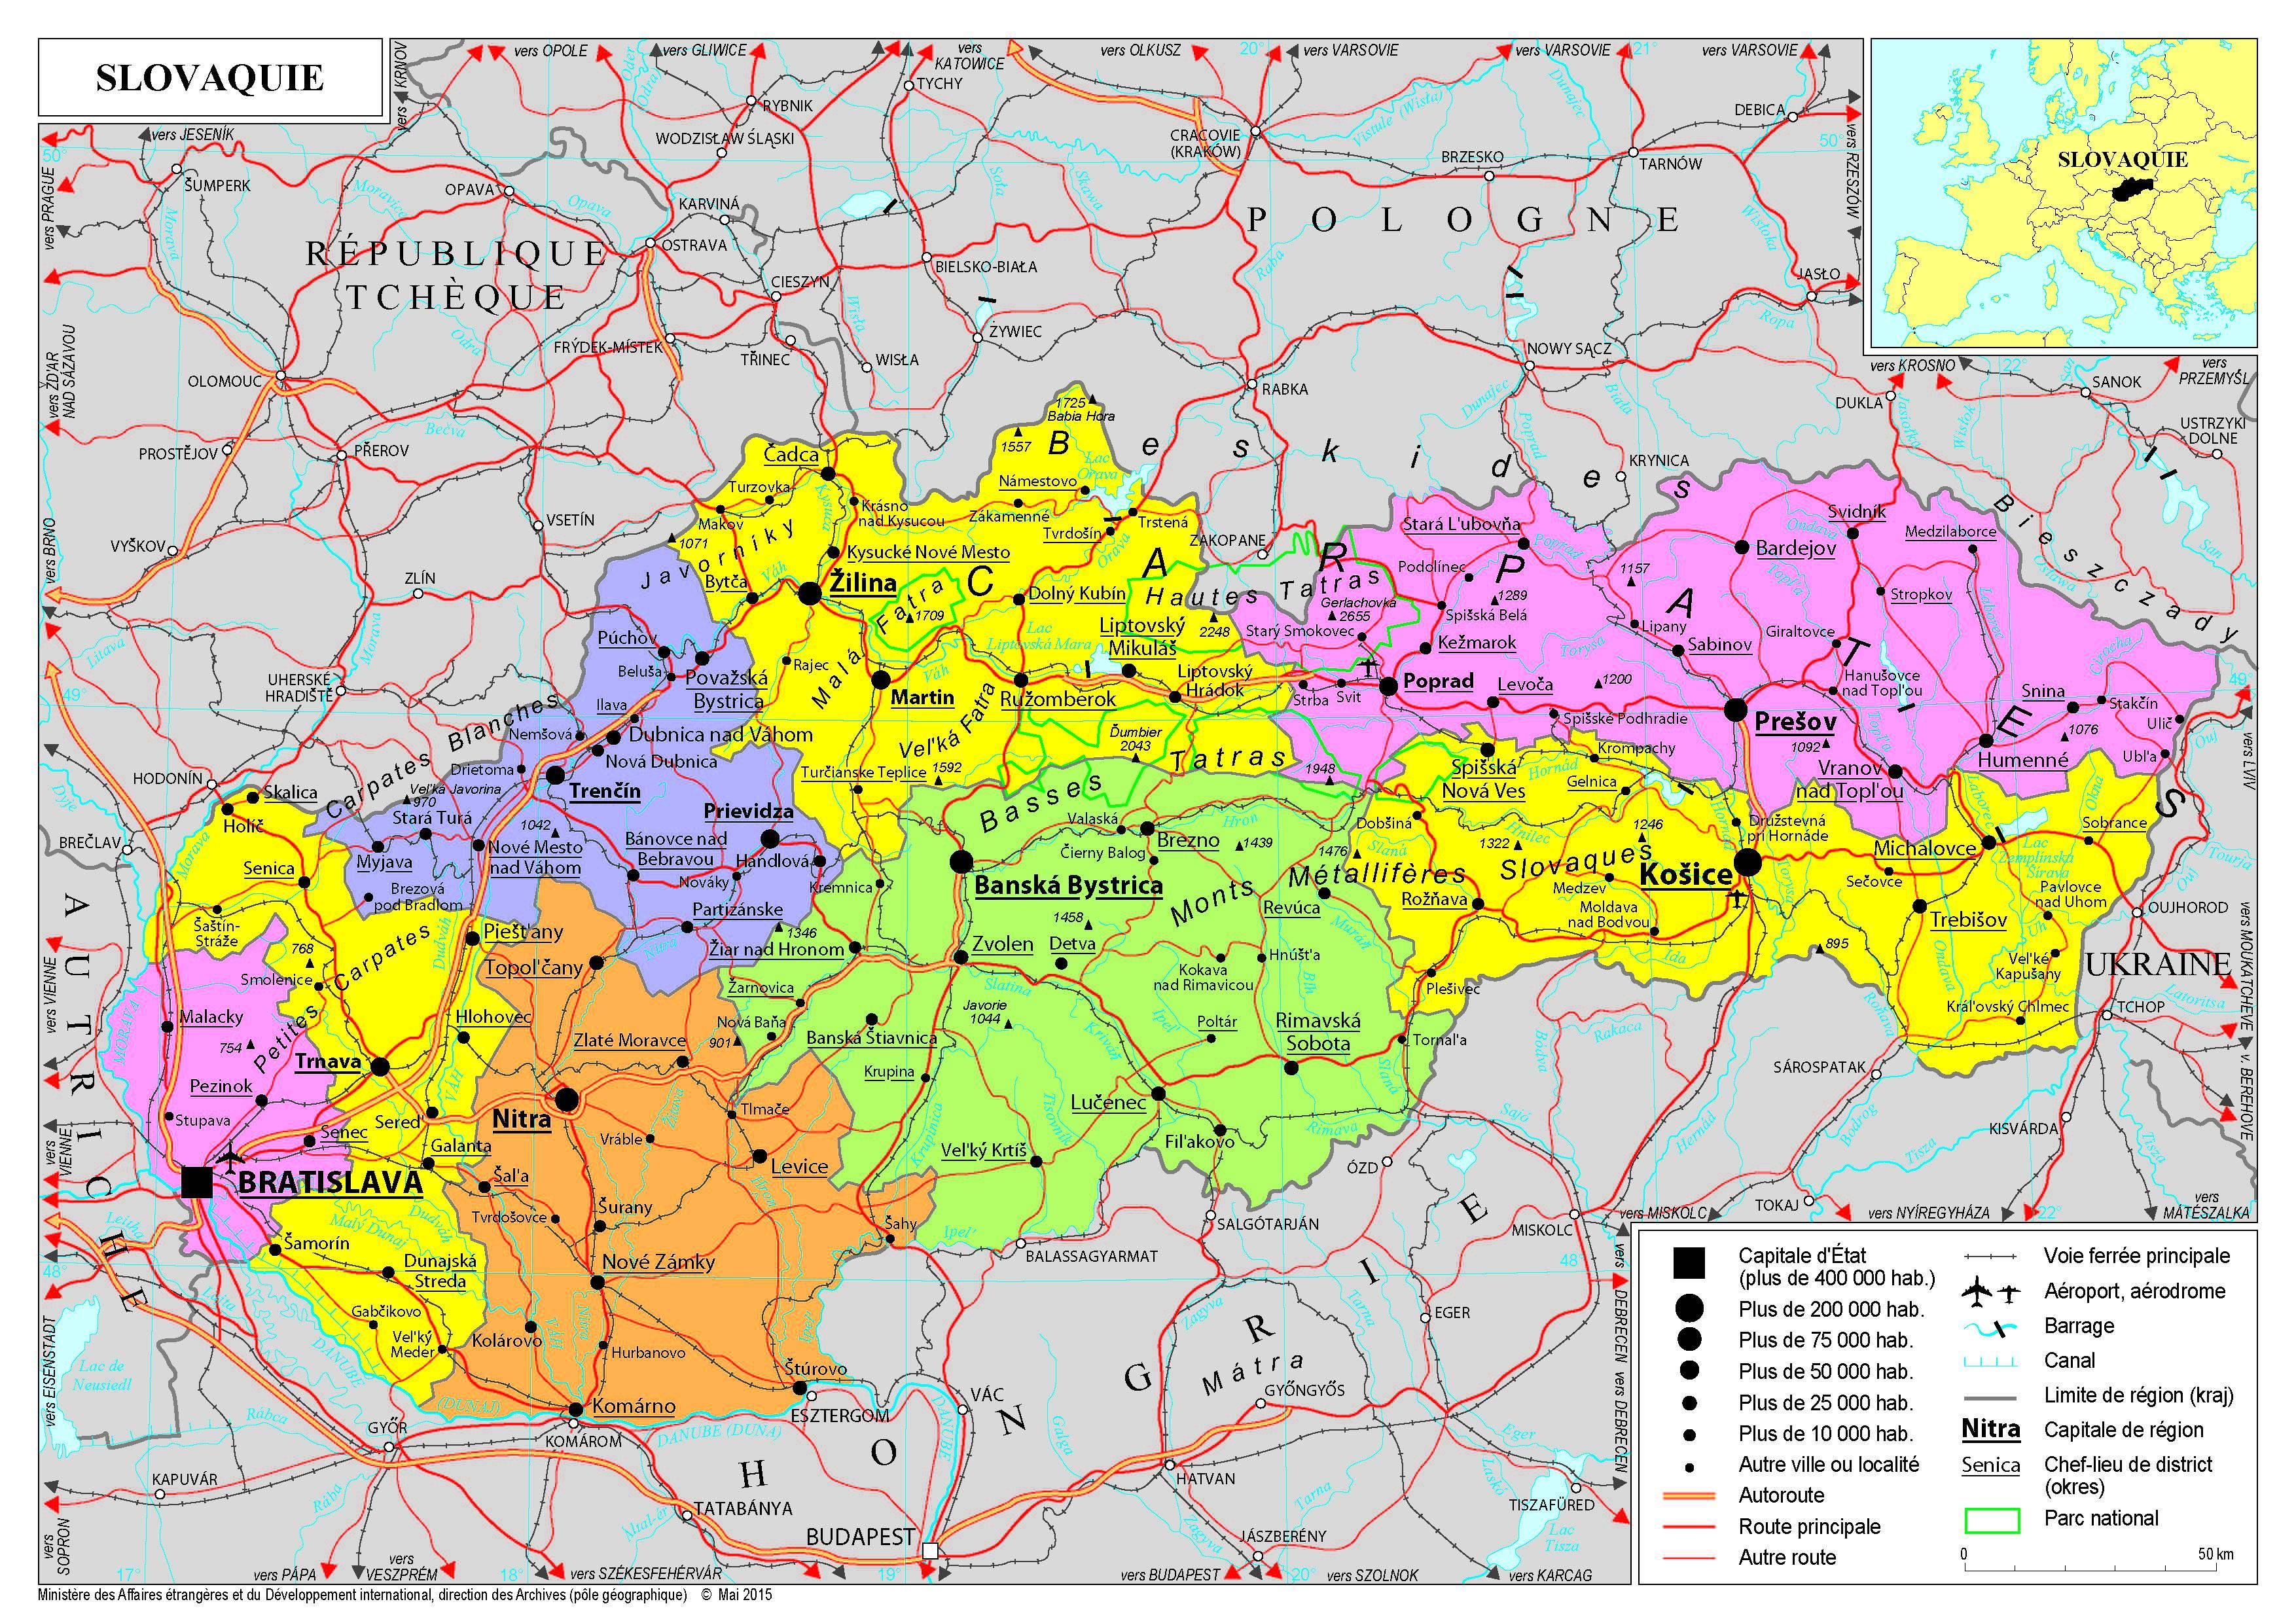 Carte des régions de la Slovaquie